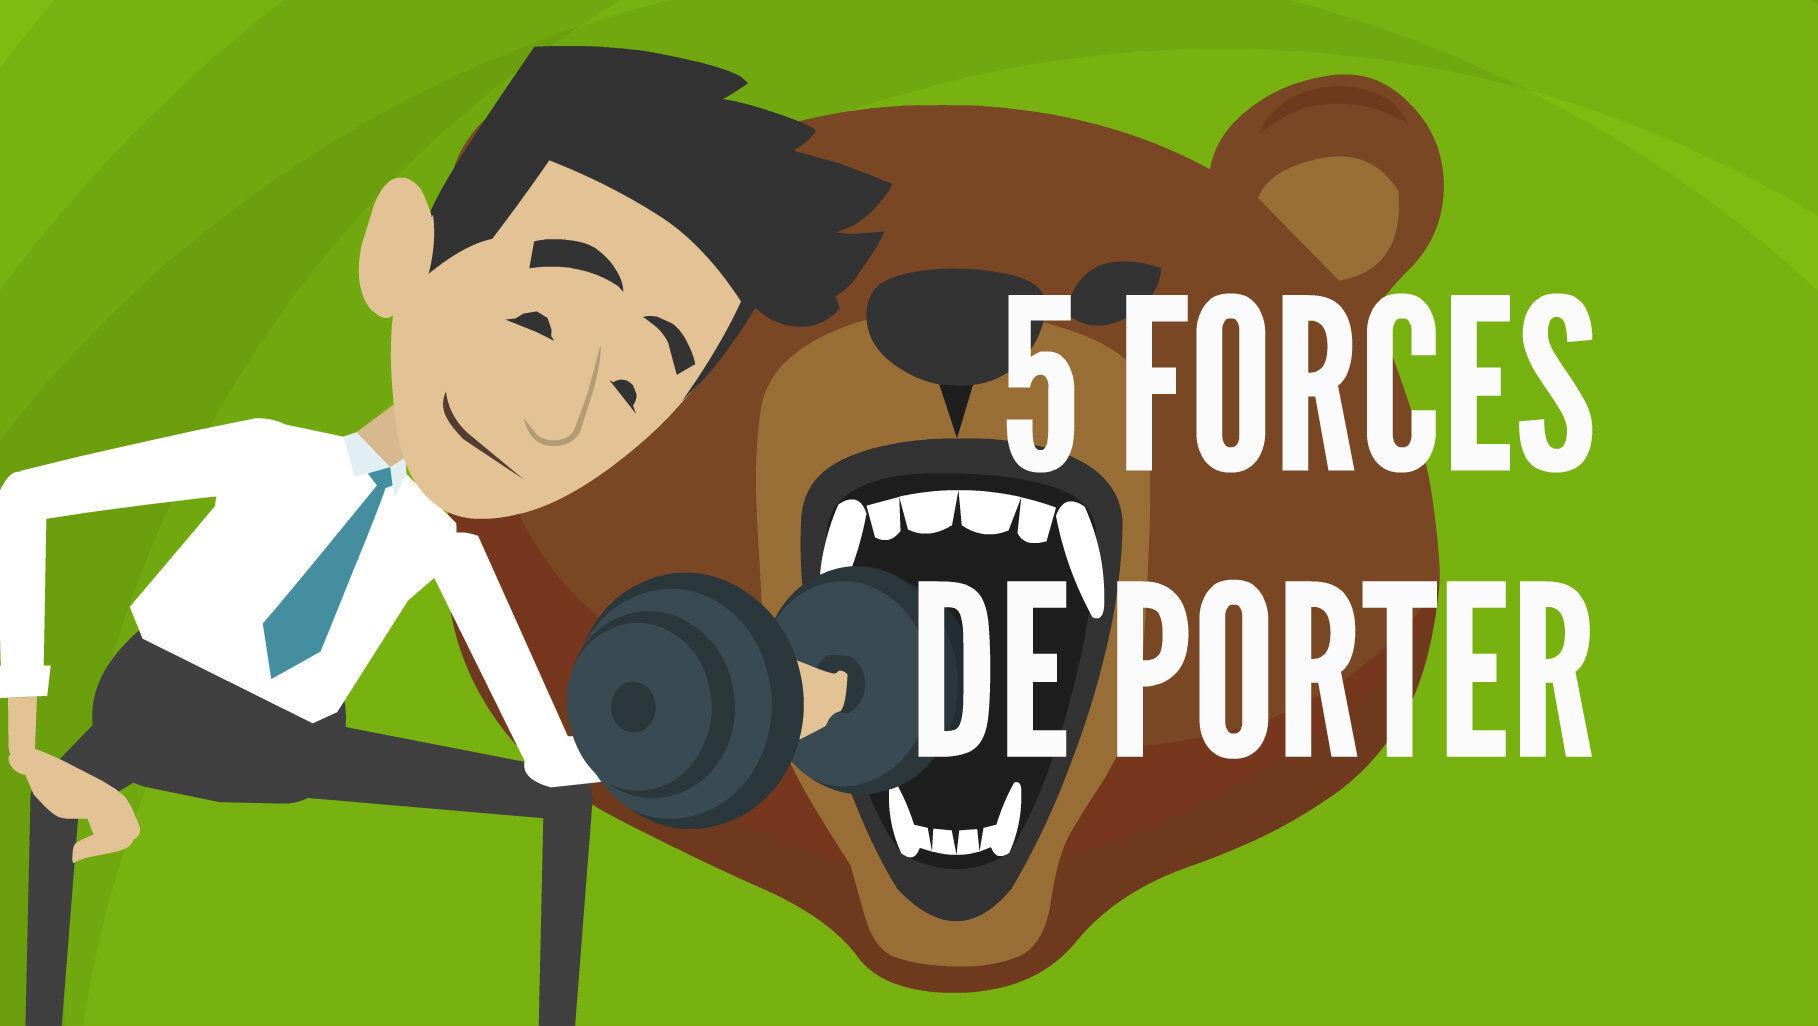 Les 5 forces de porter draw my economy - Les forces concurrentielles de porter ...